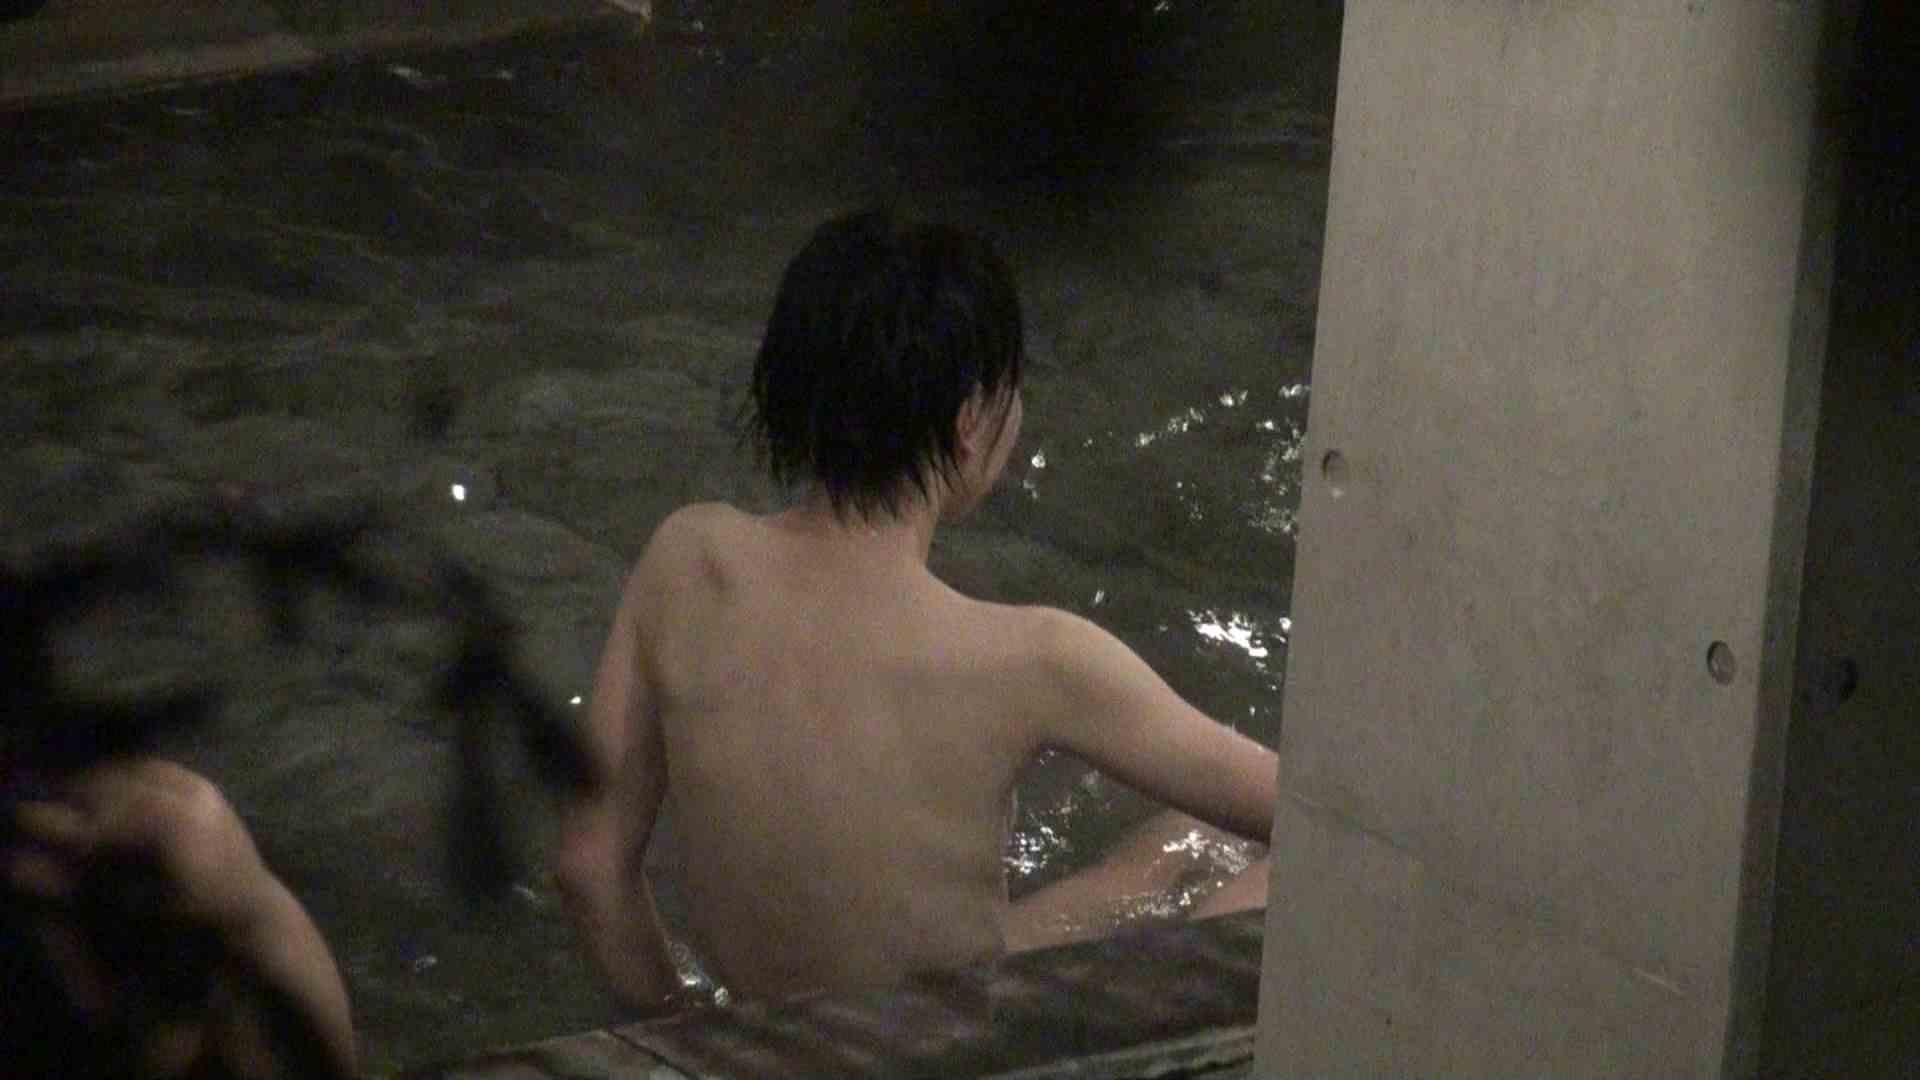 Aquaな露天風呂Vol.323 露天 | 盗撮特集  86画像 50